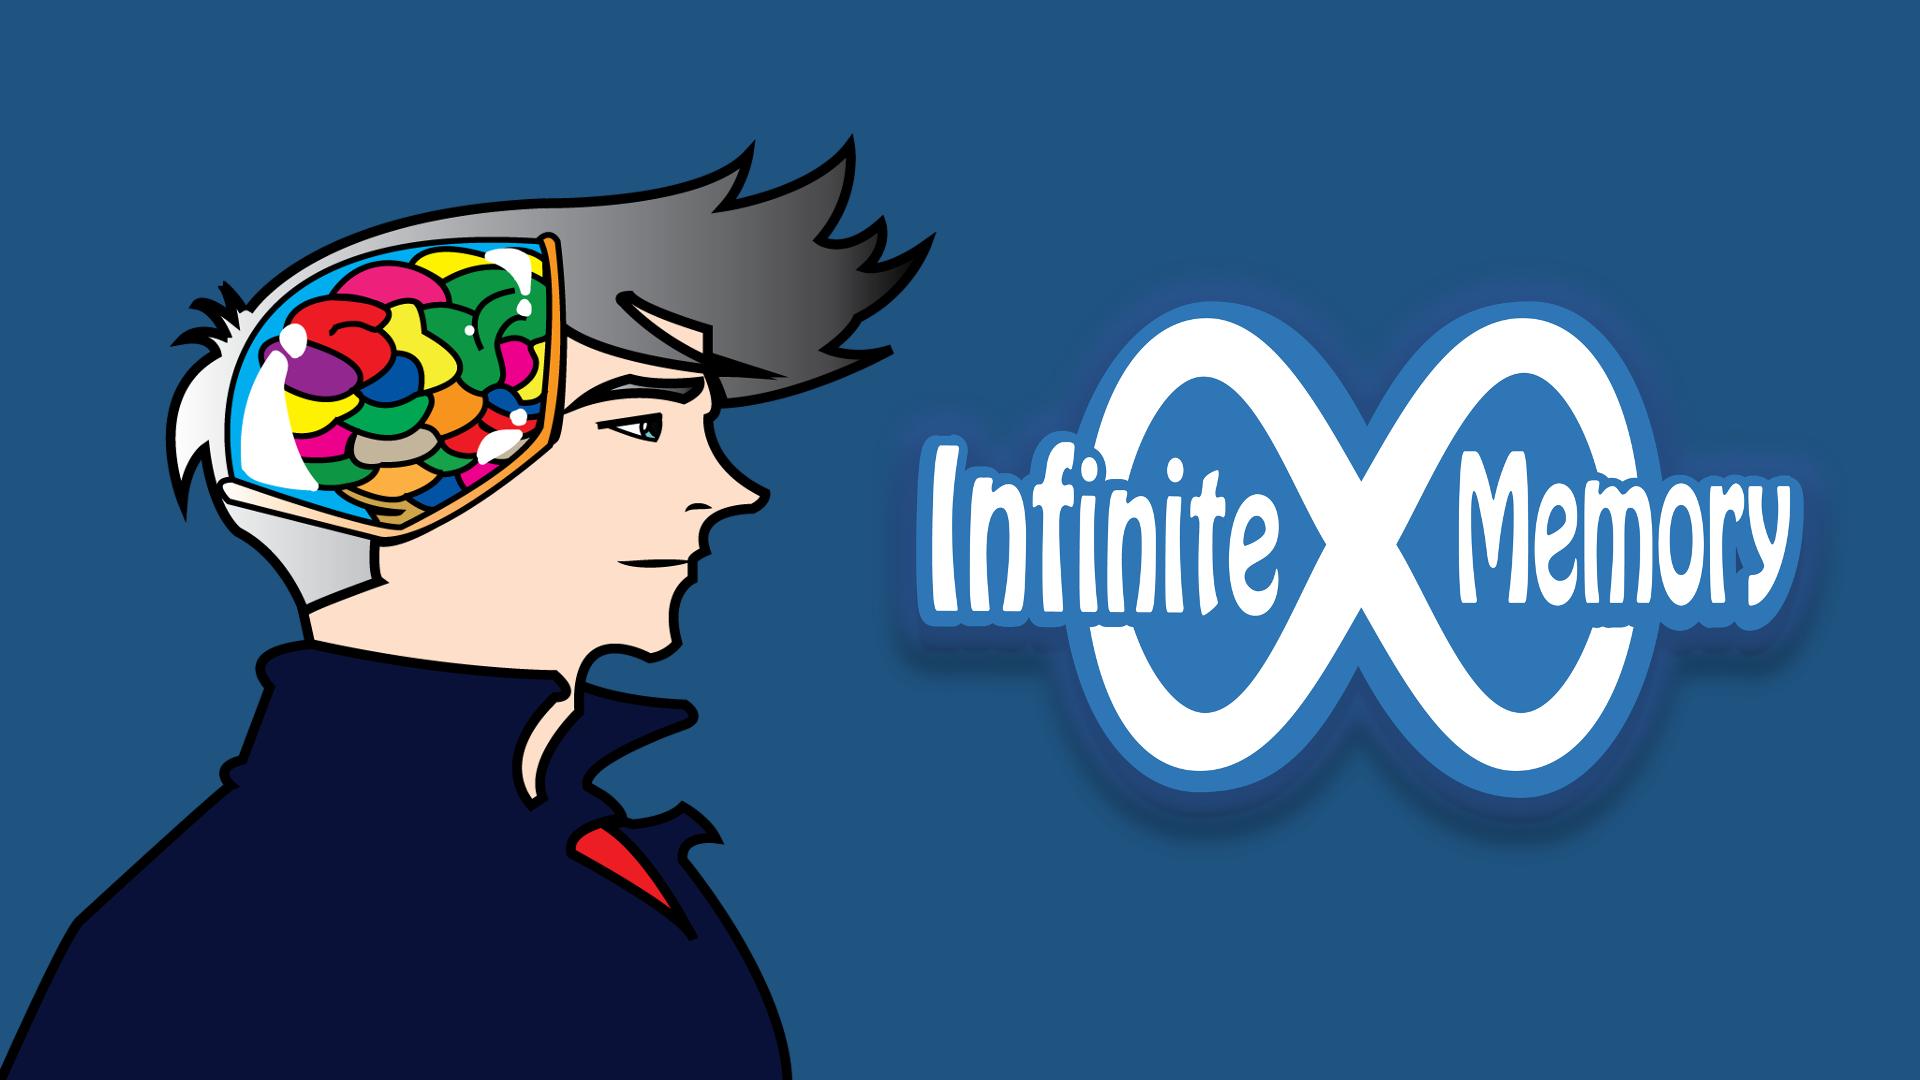 Infinite Memory